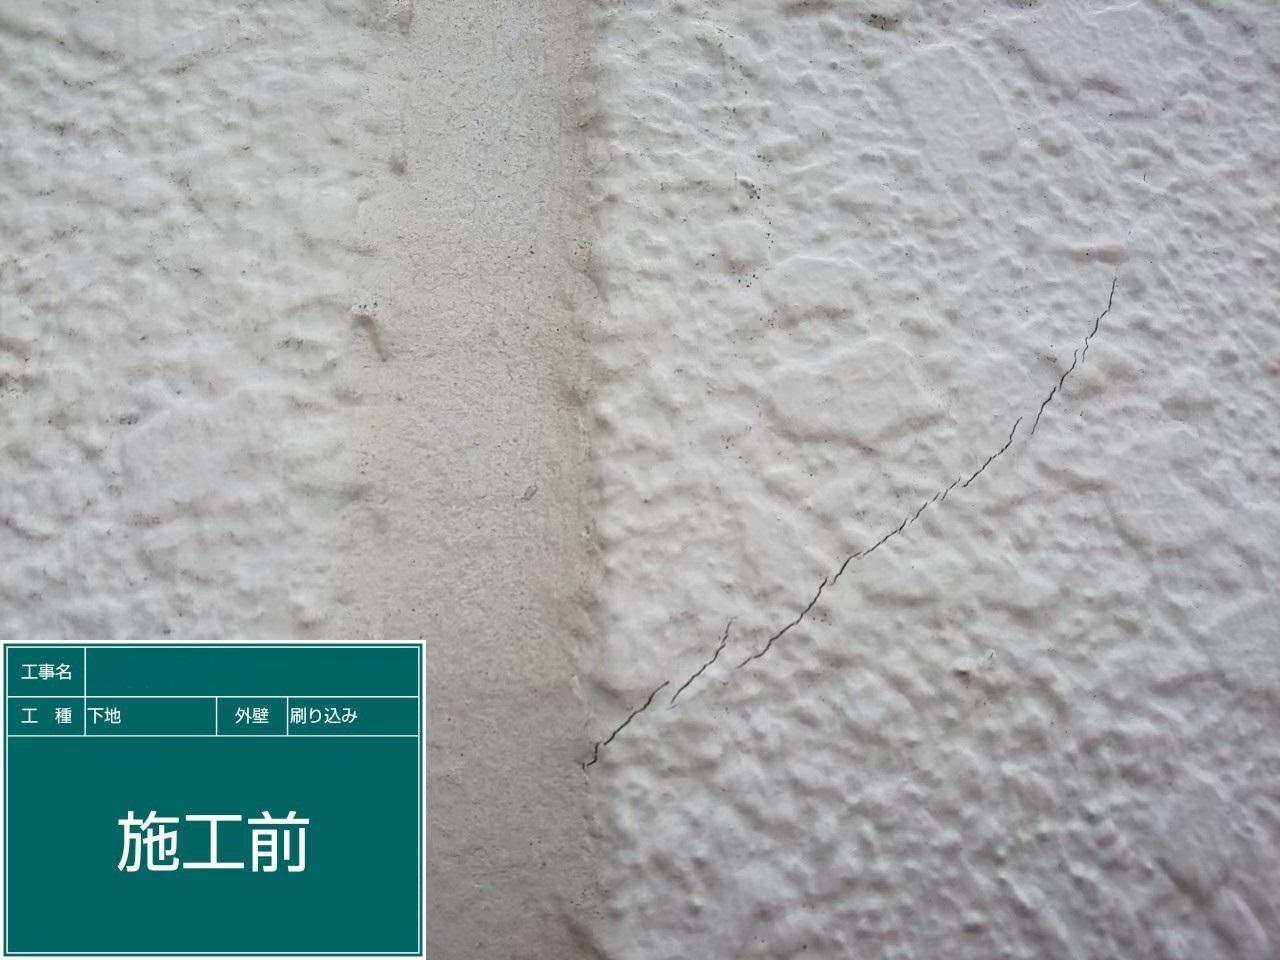 【ひび割れ(0.4mm未満)補修】①施工前